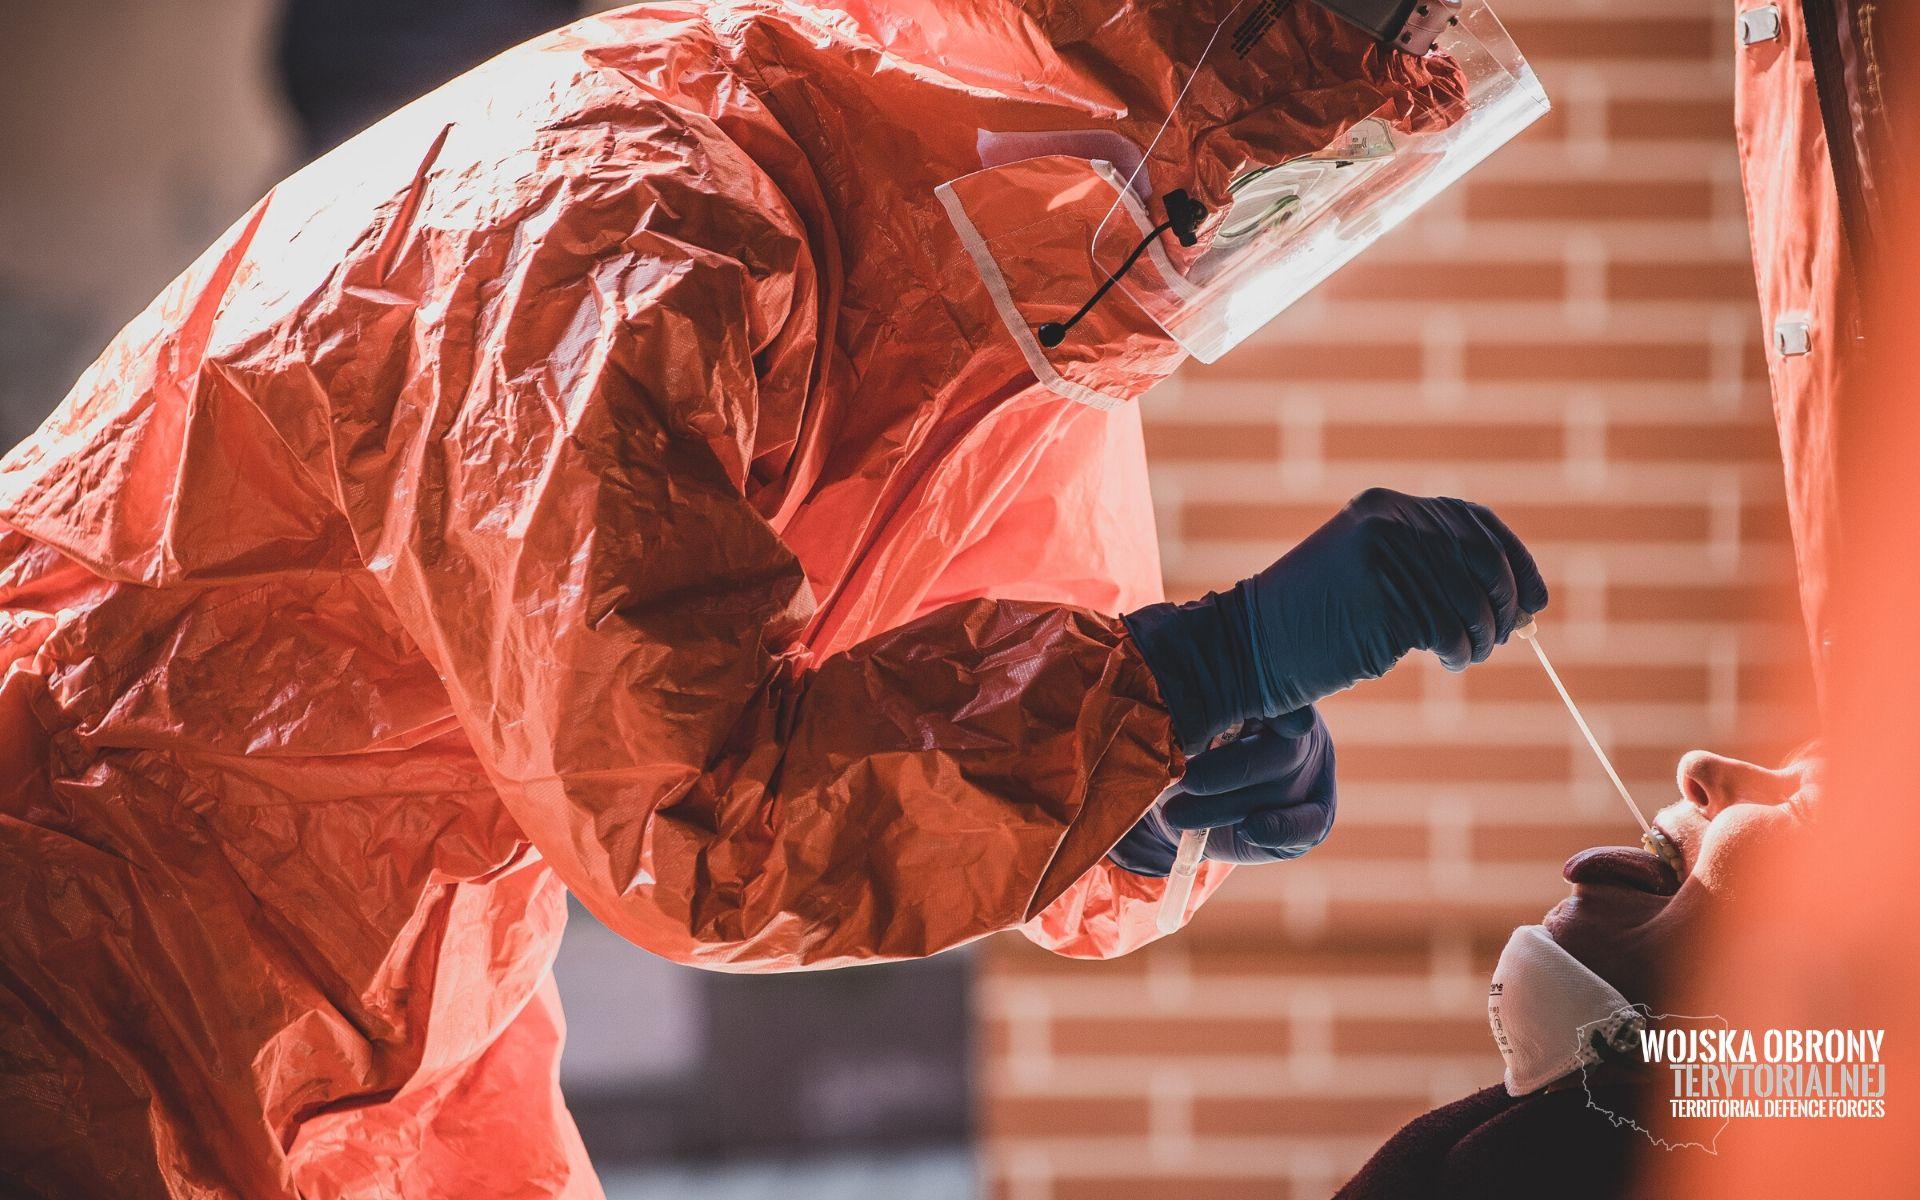 Lubelscy terytorialsi podsumowali rok z pandemią - Zdjęcie główne